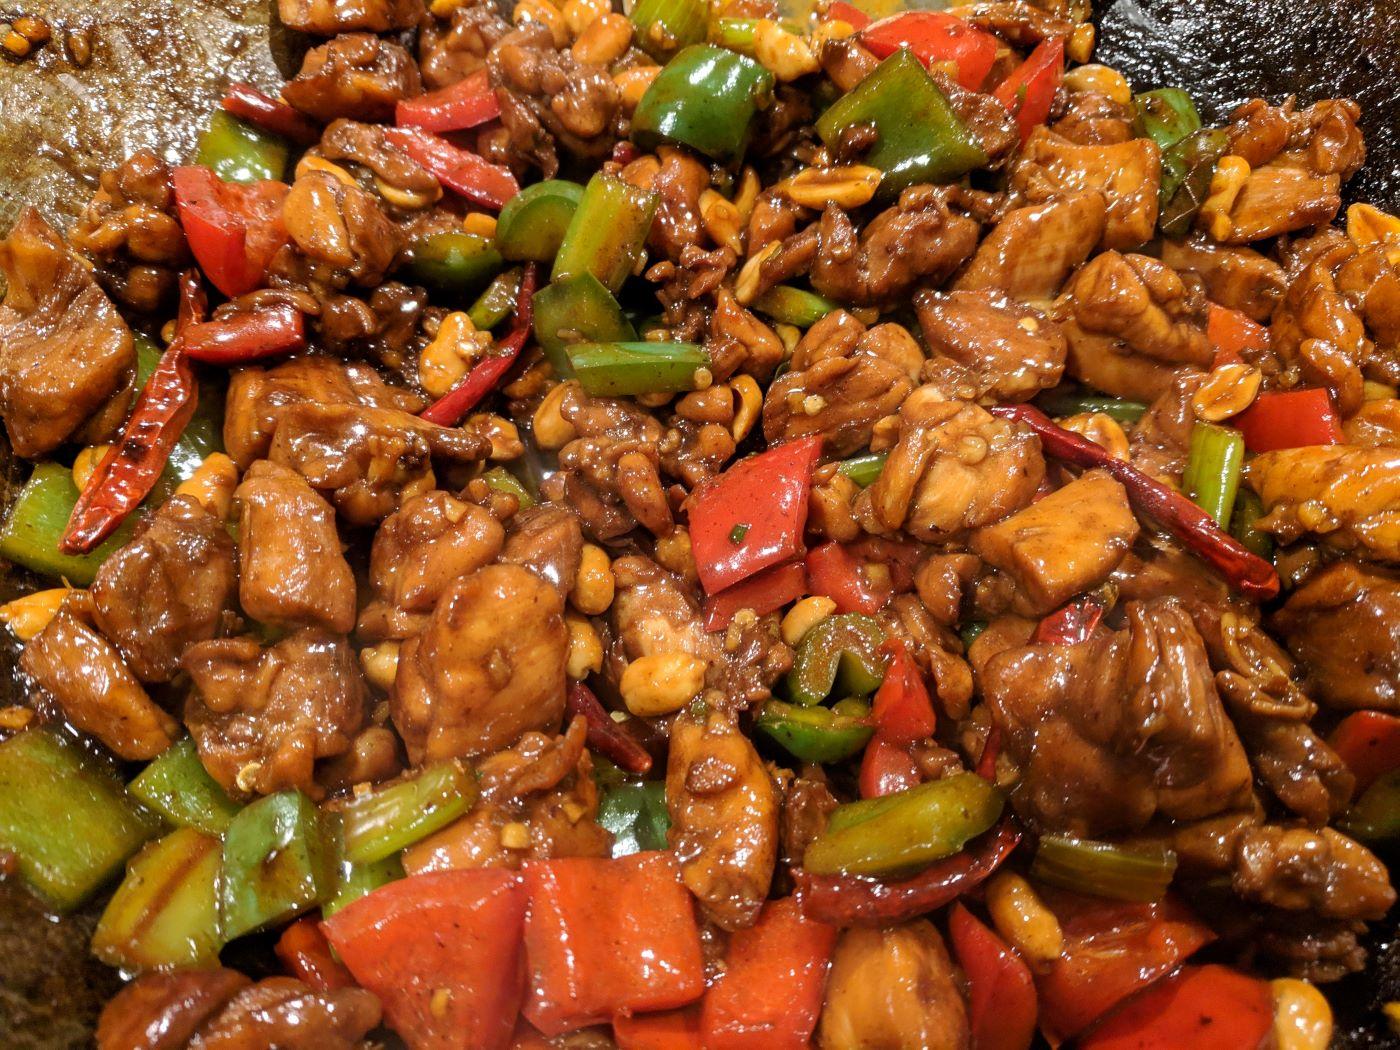 Món gà xào cay Kung Pao miếng gà thái nhỏ cùng các loại rau củ và ớt, màu đỏ vàng sánh ngon